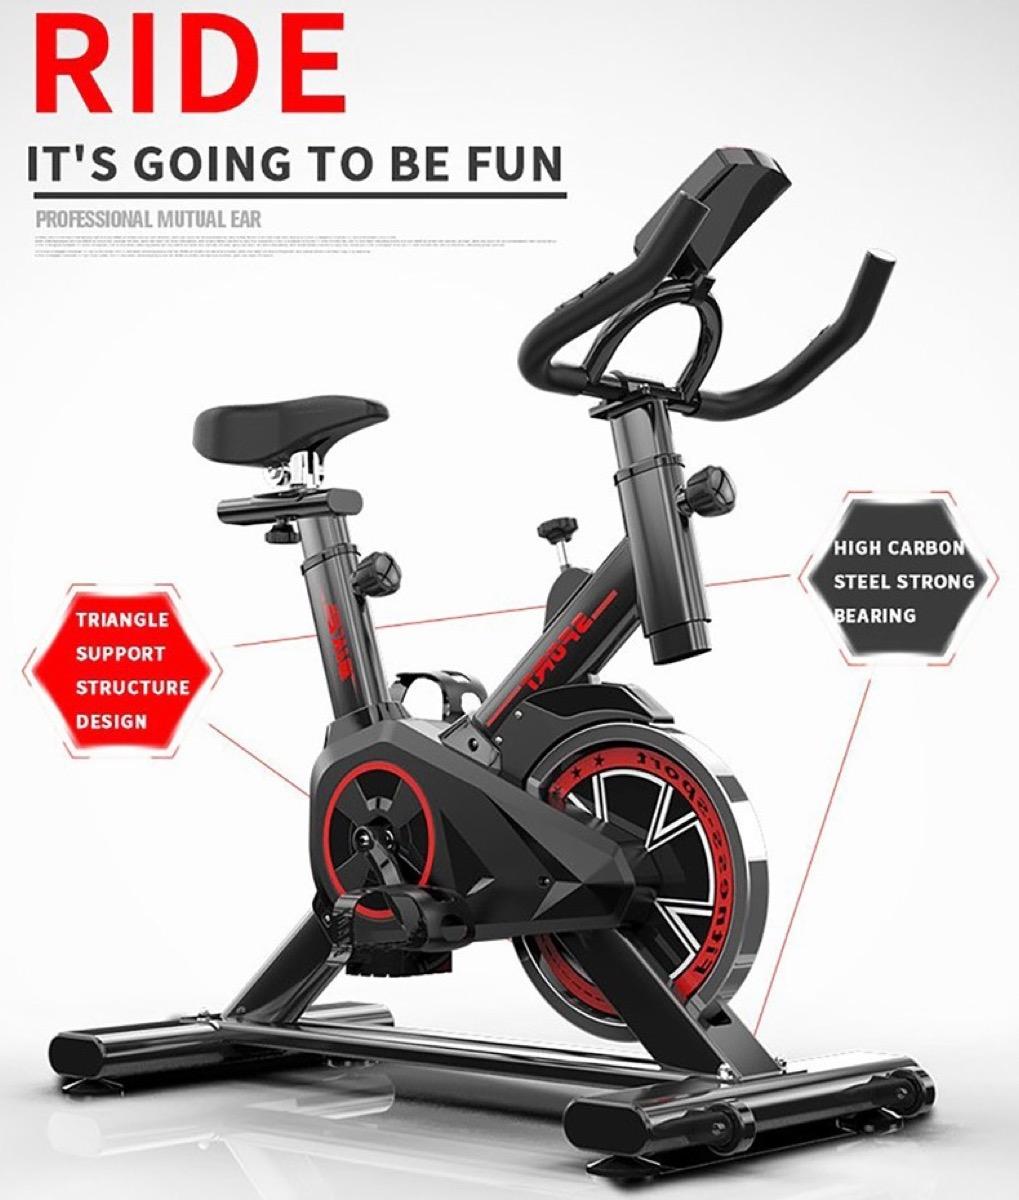 Rimettetevi in forma con la cyclette Reebok compatta per interni, in offerta lampo a poco più di 200 euro